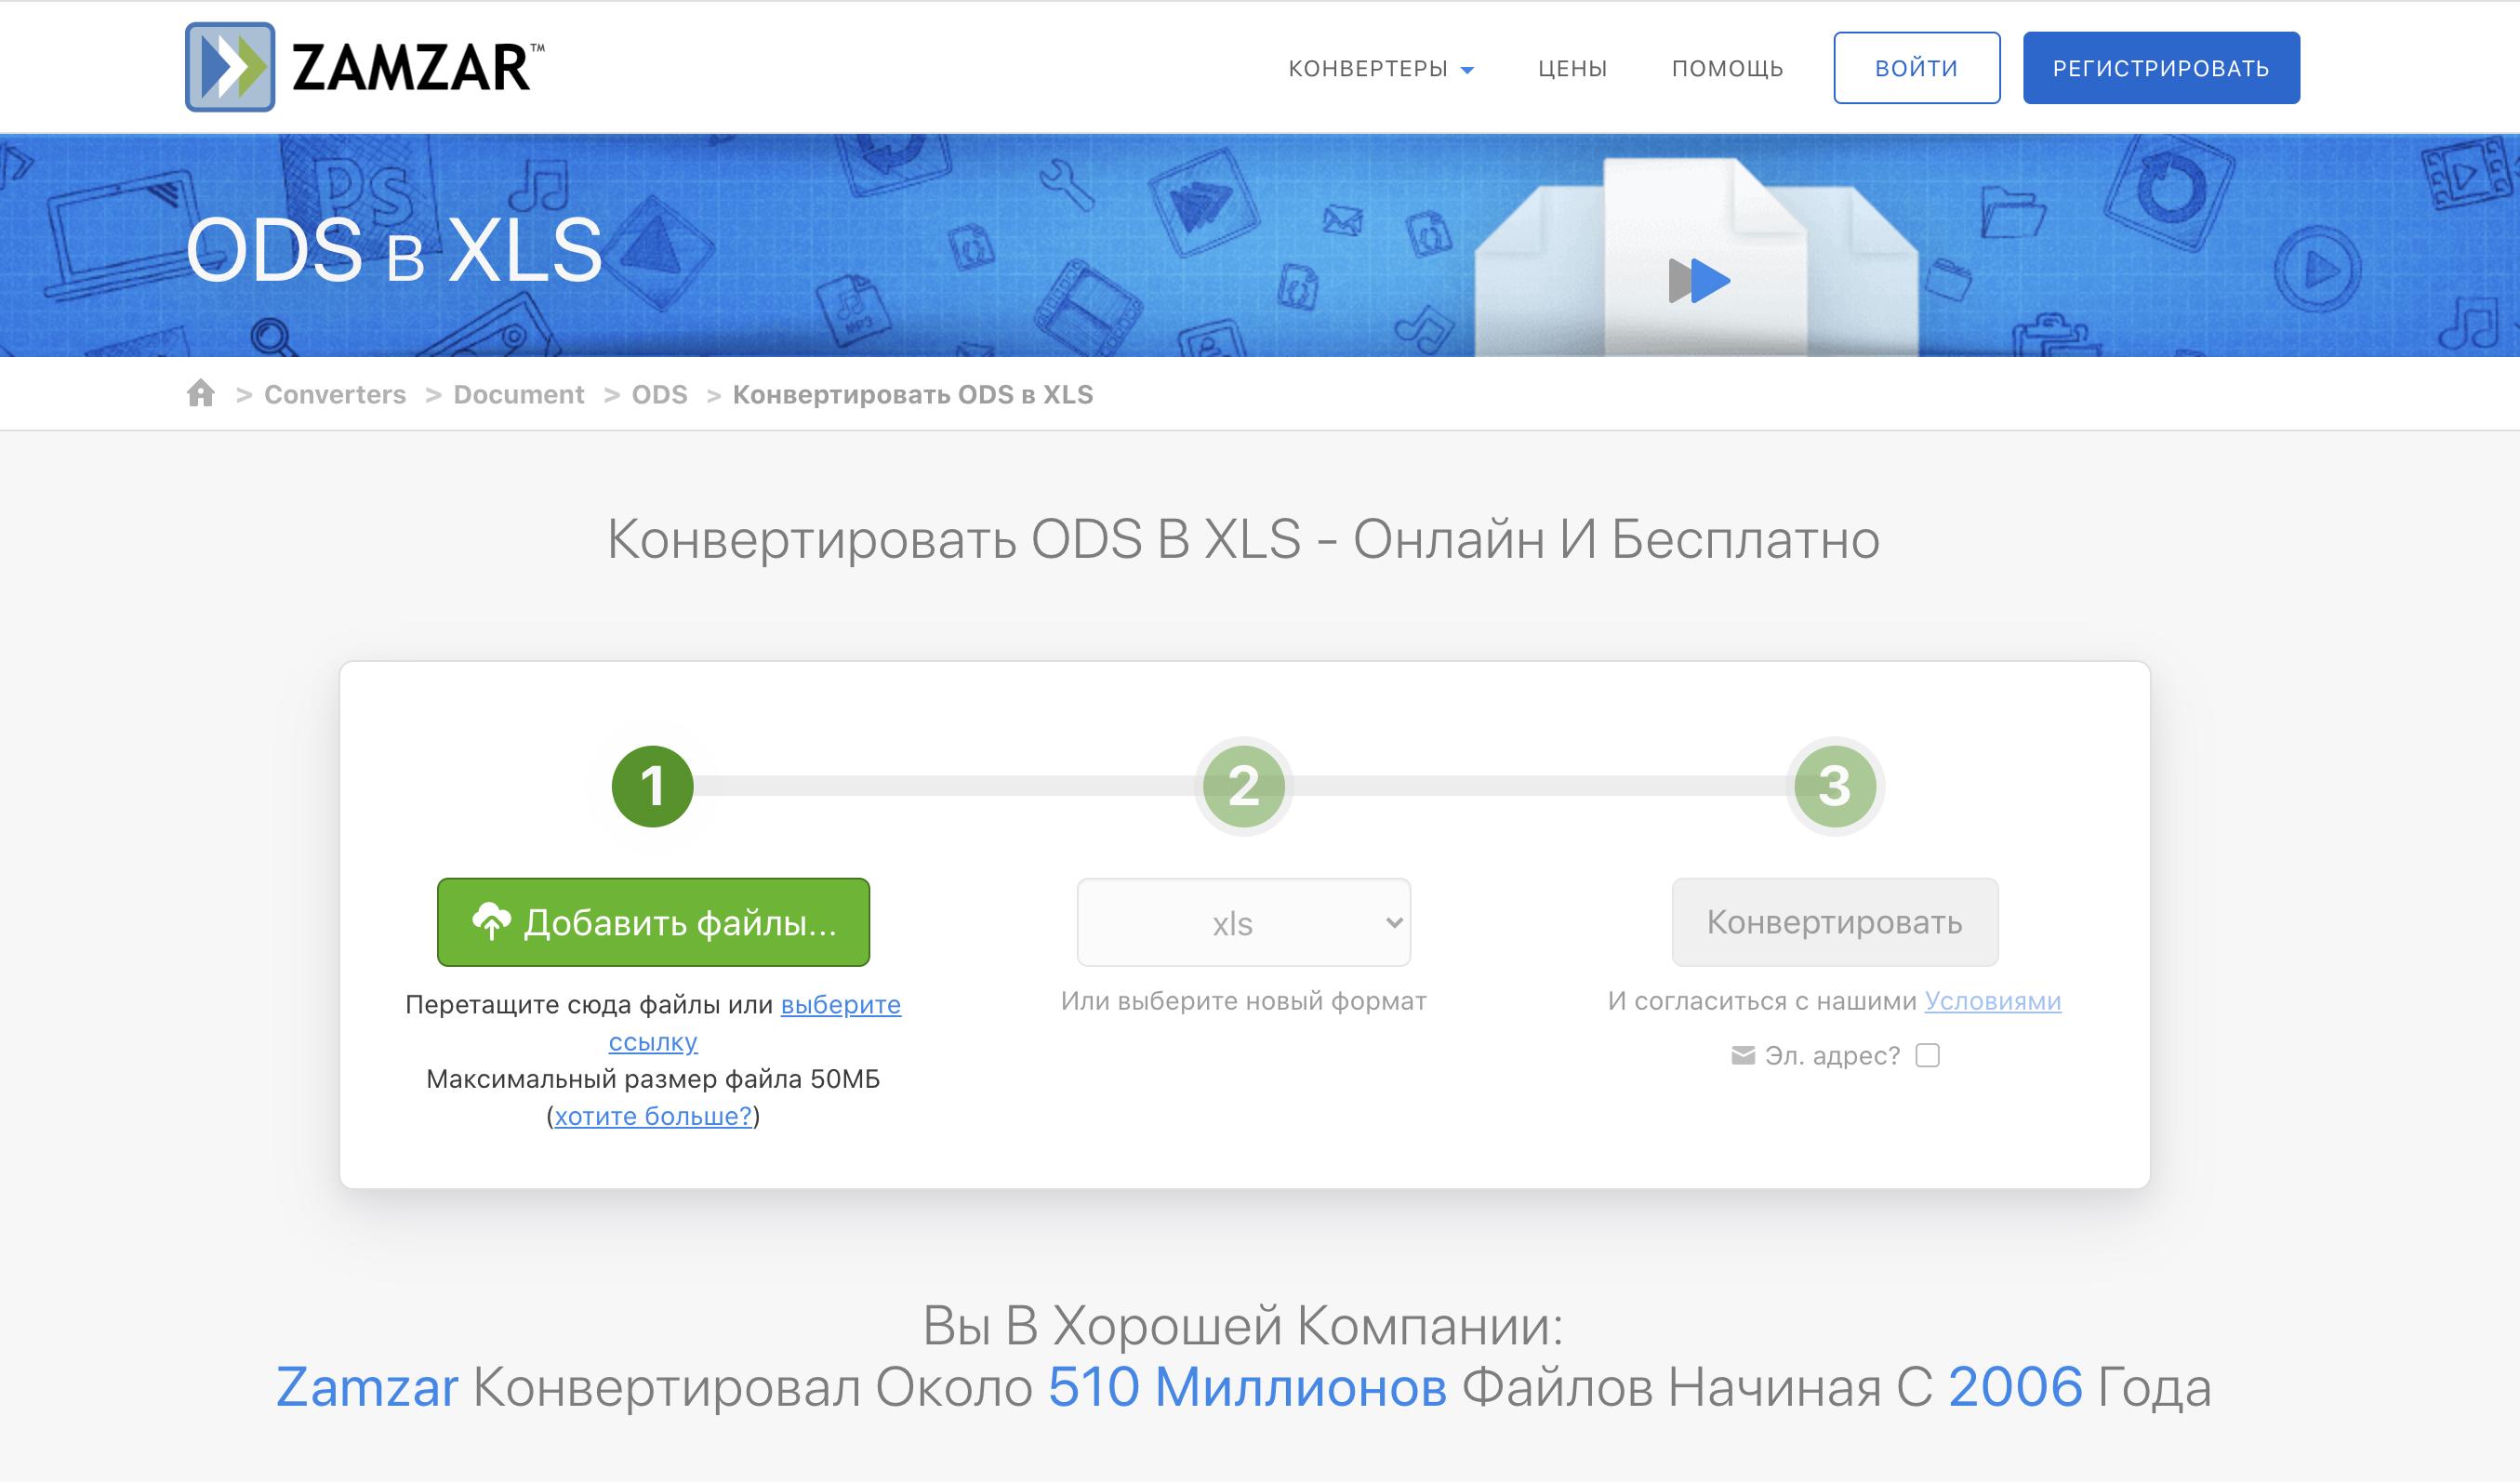 преобразовать (перевести, конвертировать) одс (ods) в эксель онлайн - ZAMZAR